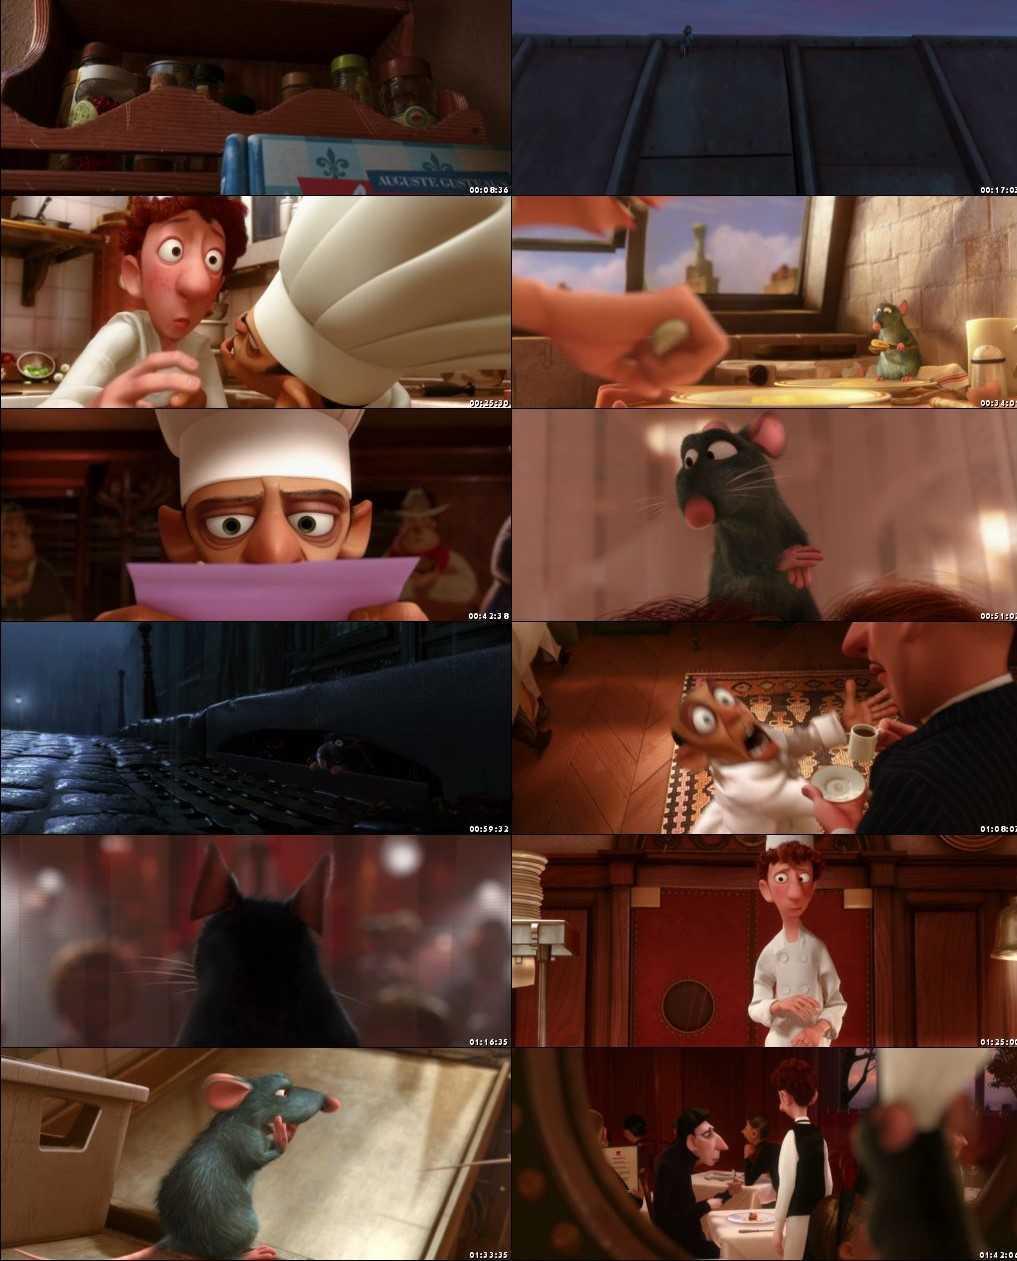 Ratatouille 2007 Screenshot 1080p